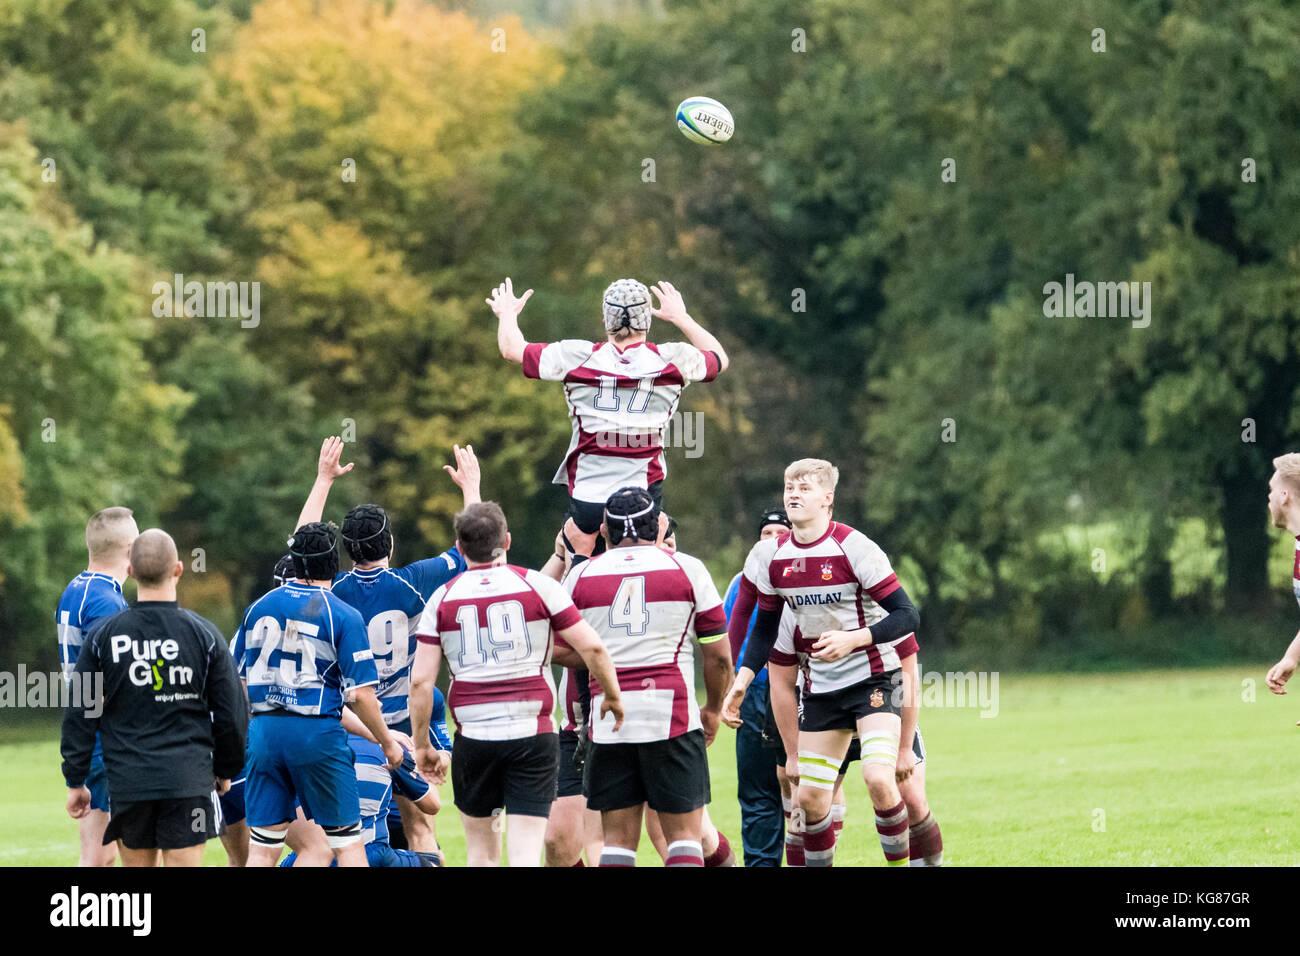 Schwule Rugby-Spieler datieren